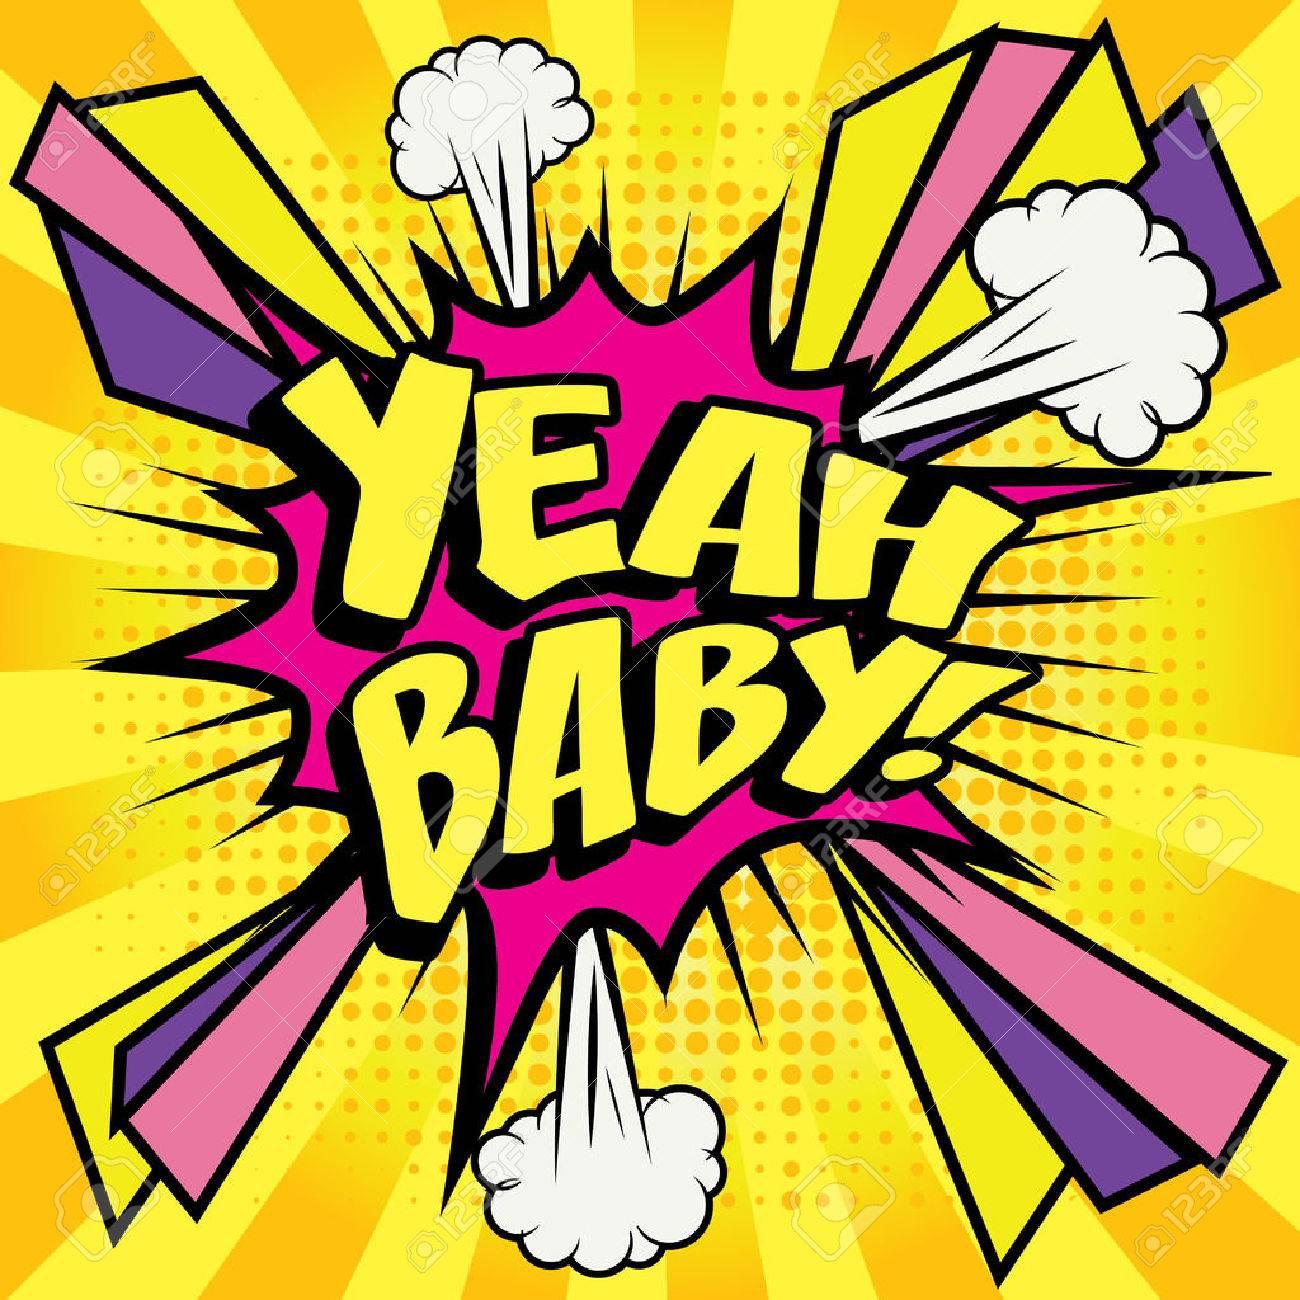 Yeah baby pop art - 51191156